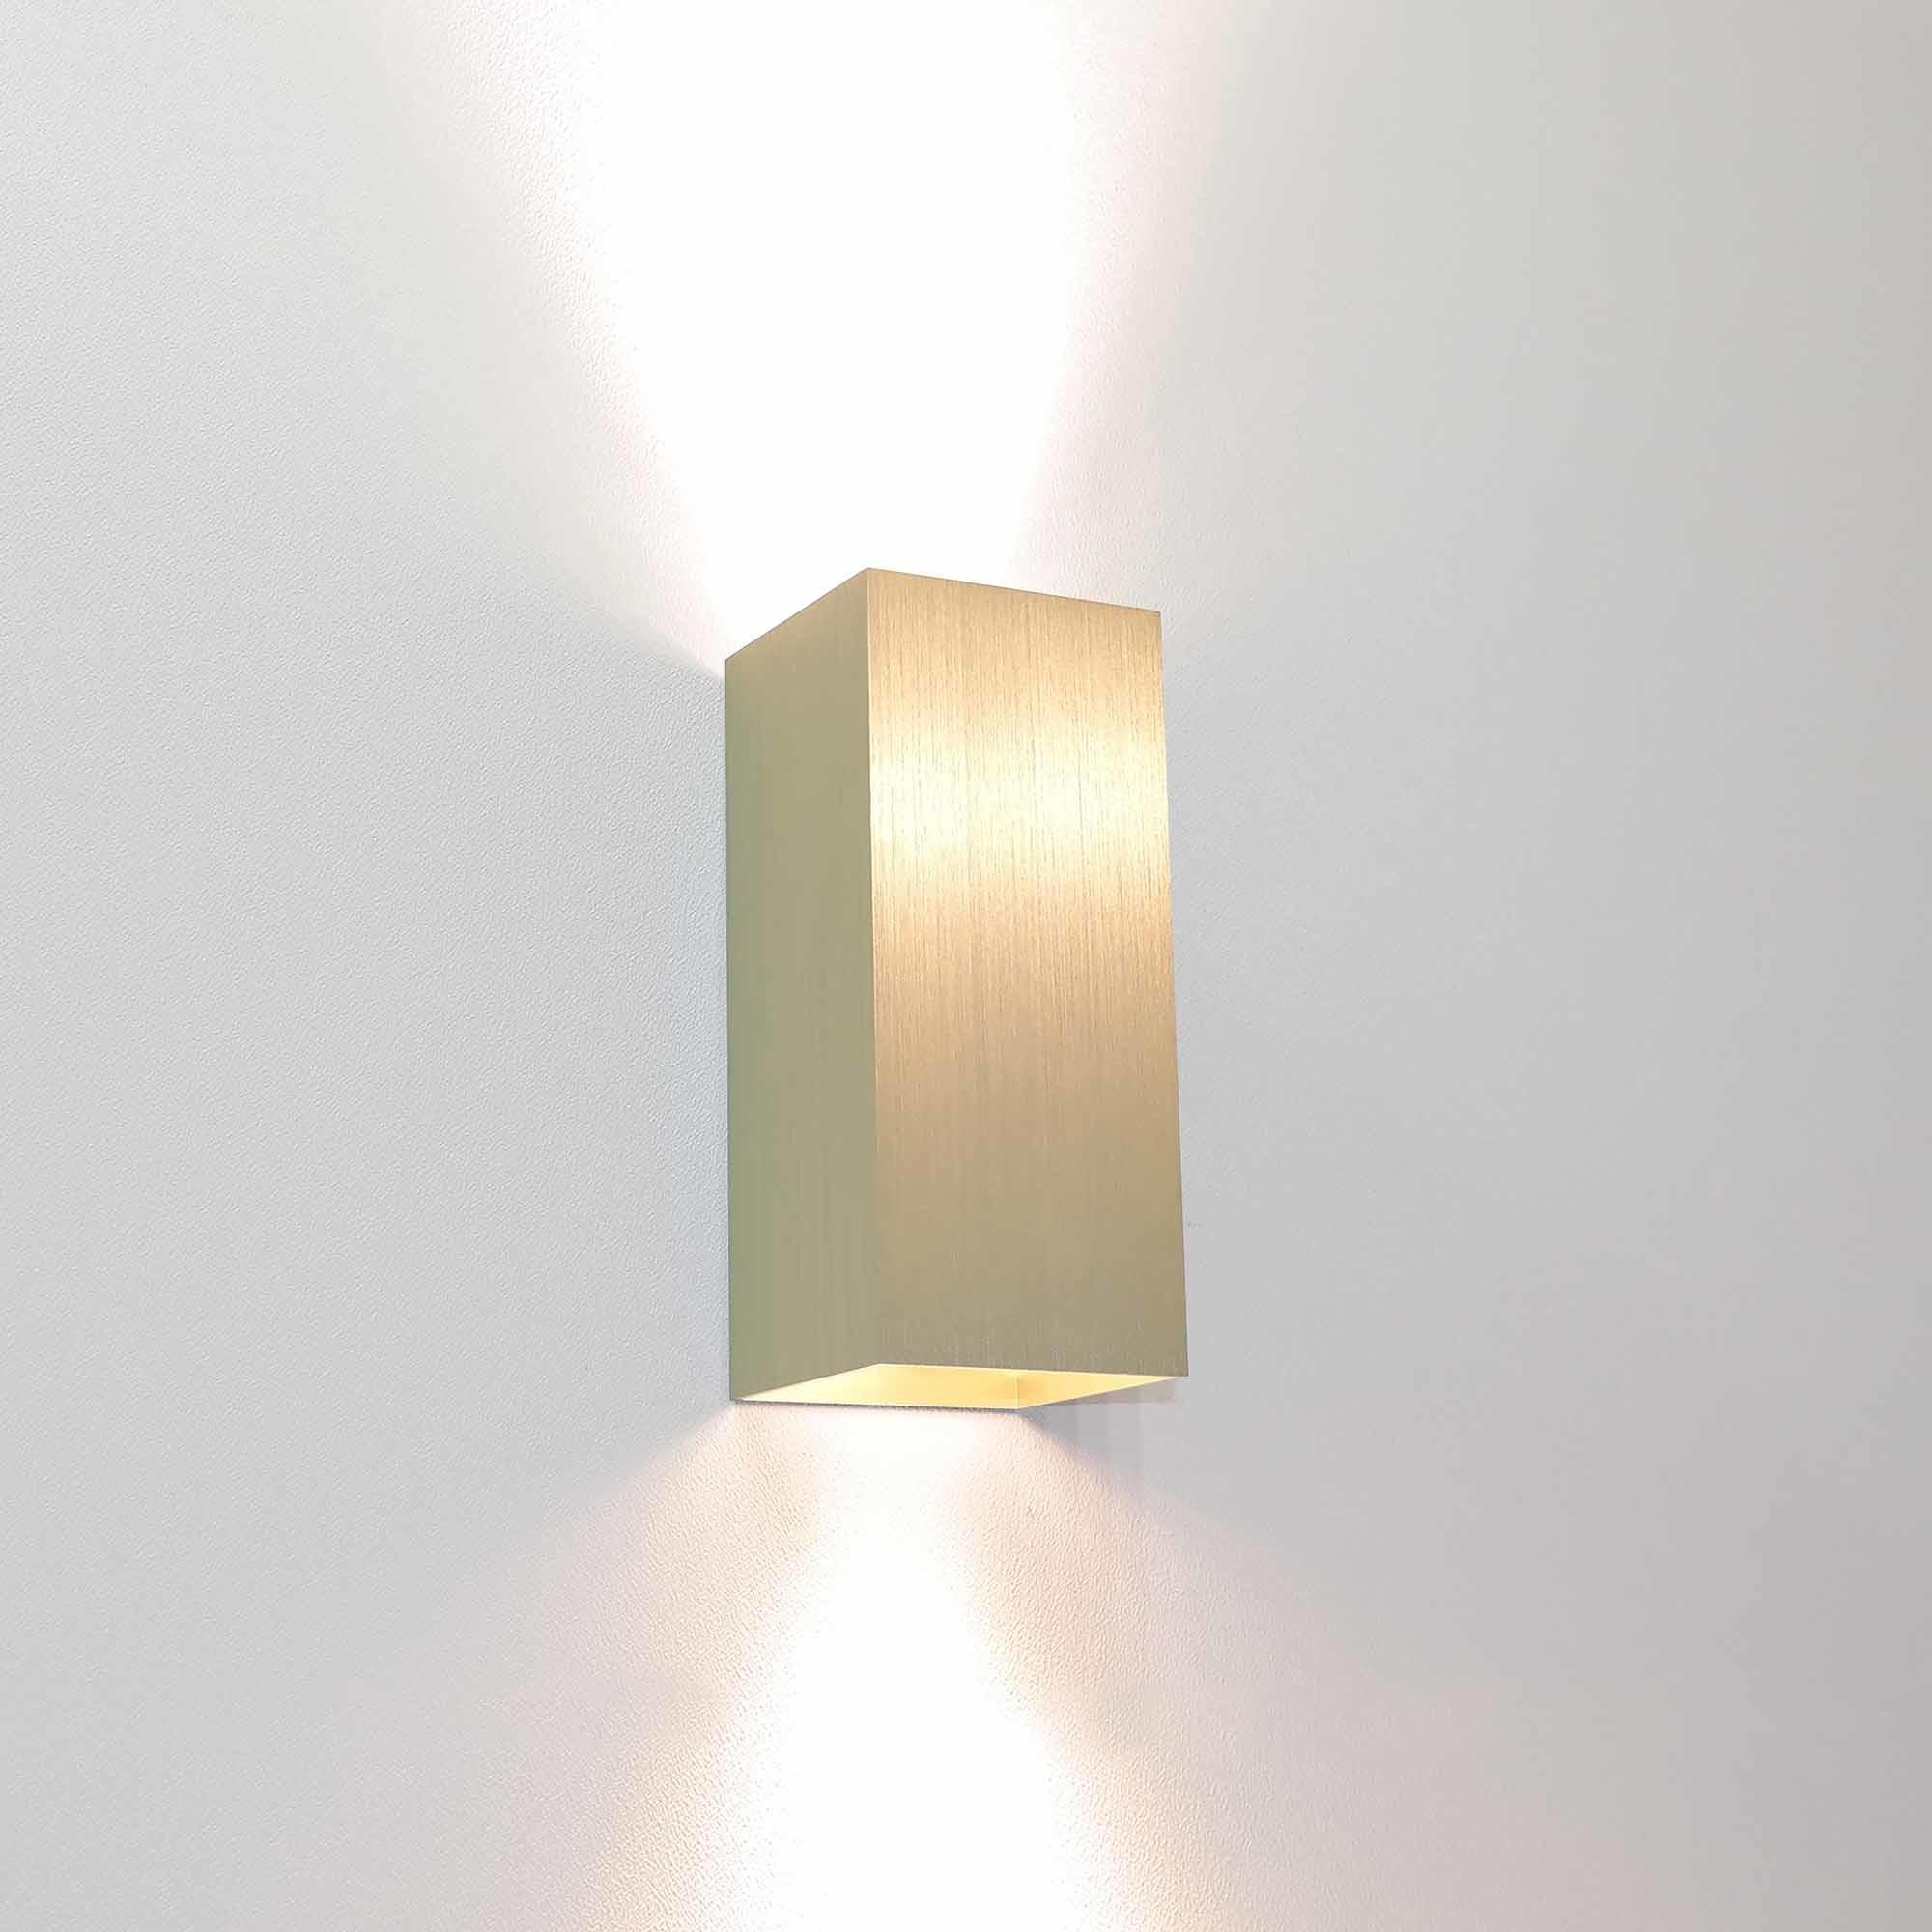 Artdelight Wandlamp Dante 2 lichts 15,5 x 6,5 cm mat goud